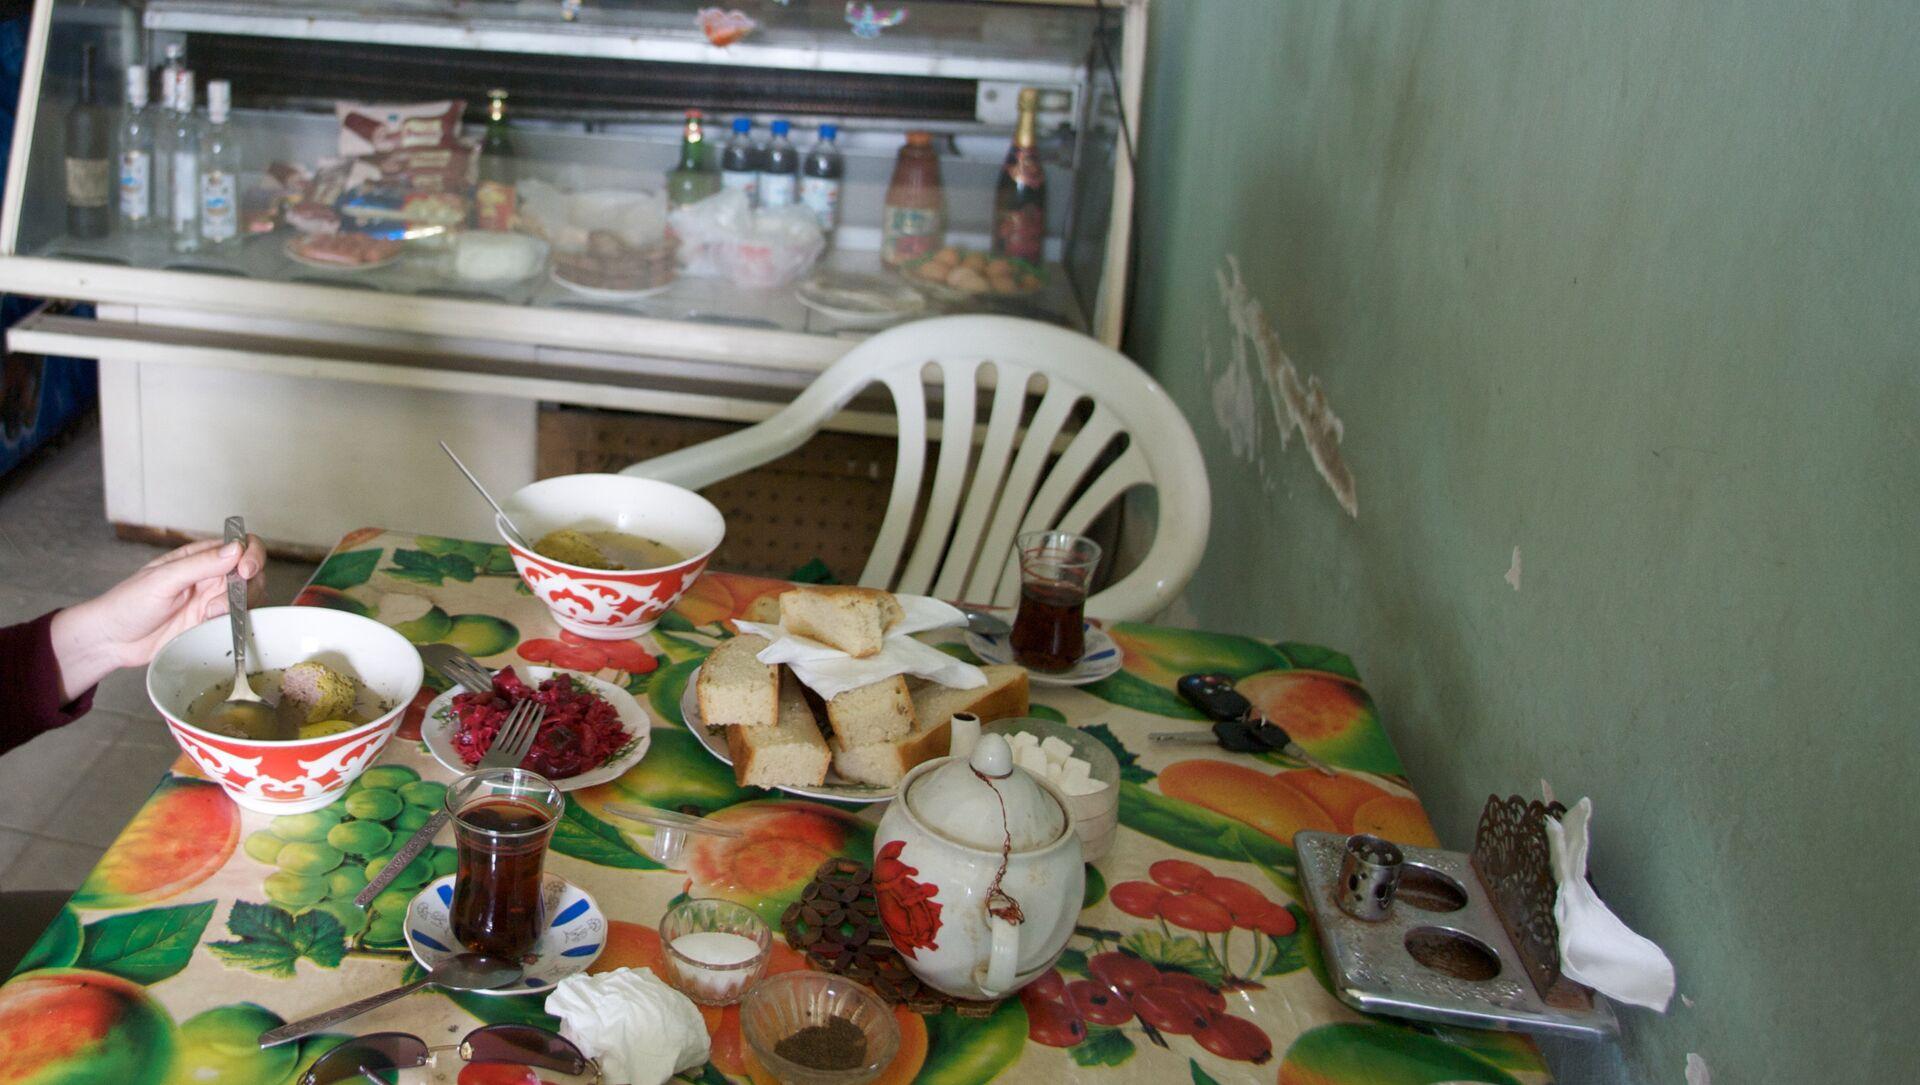 В кафе одного из бакинских поселков, фото из архива - Sputnik Azərbaycan, 1920, 08.05.2021